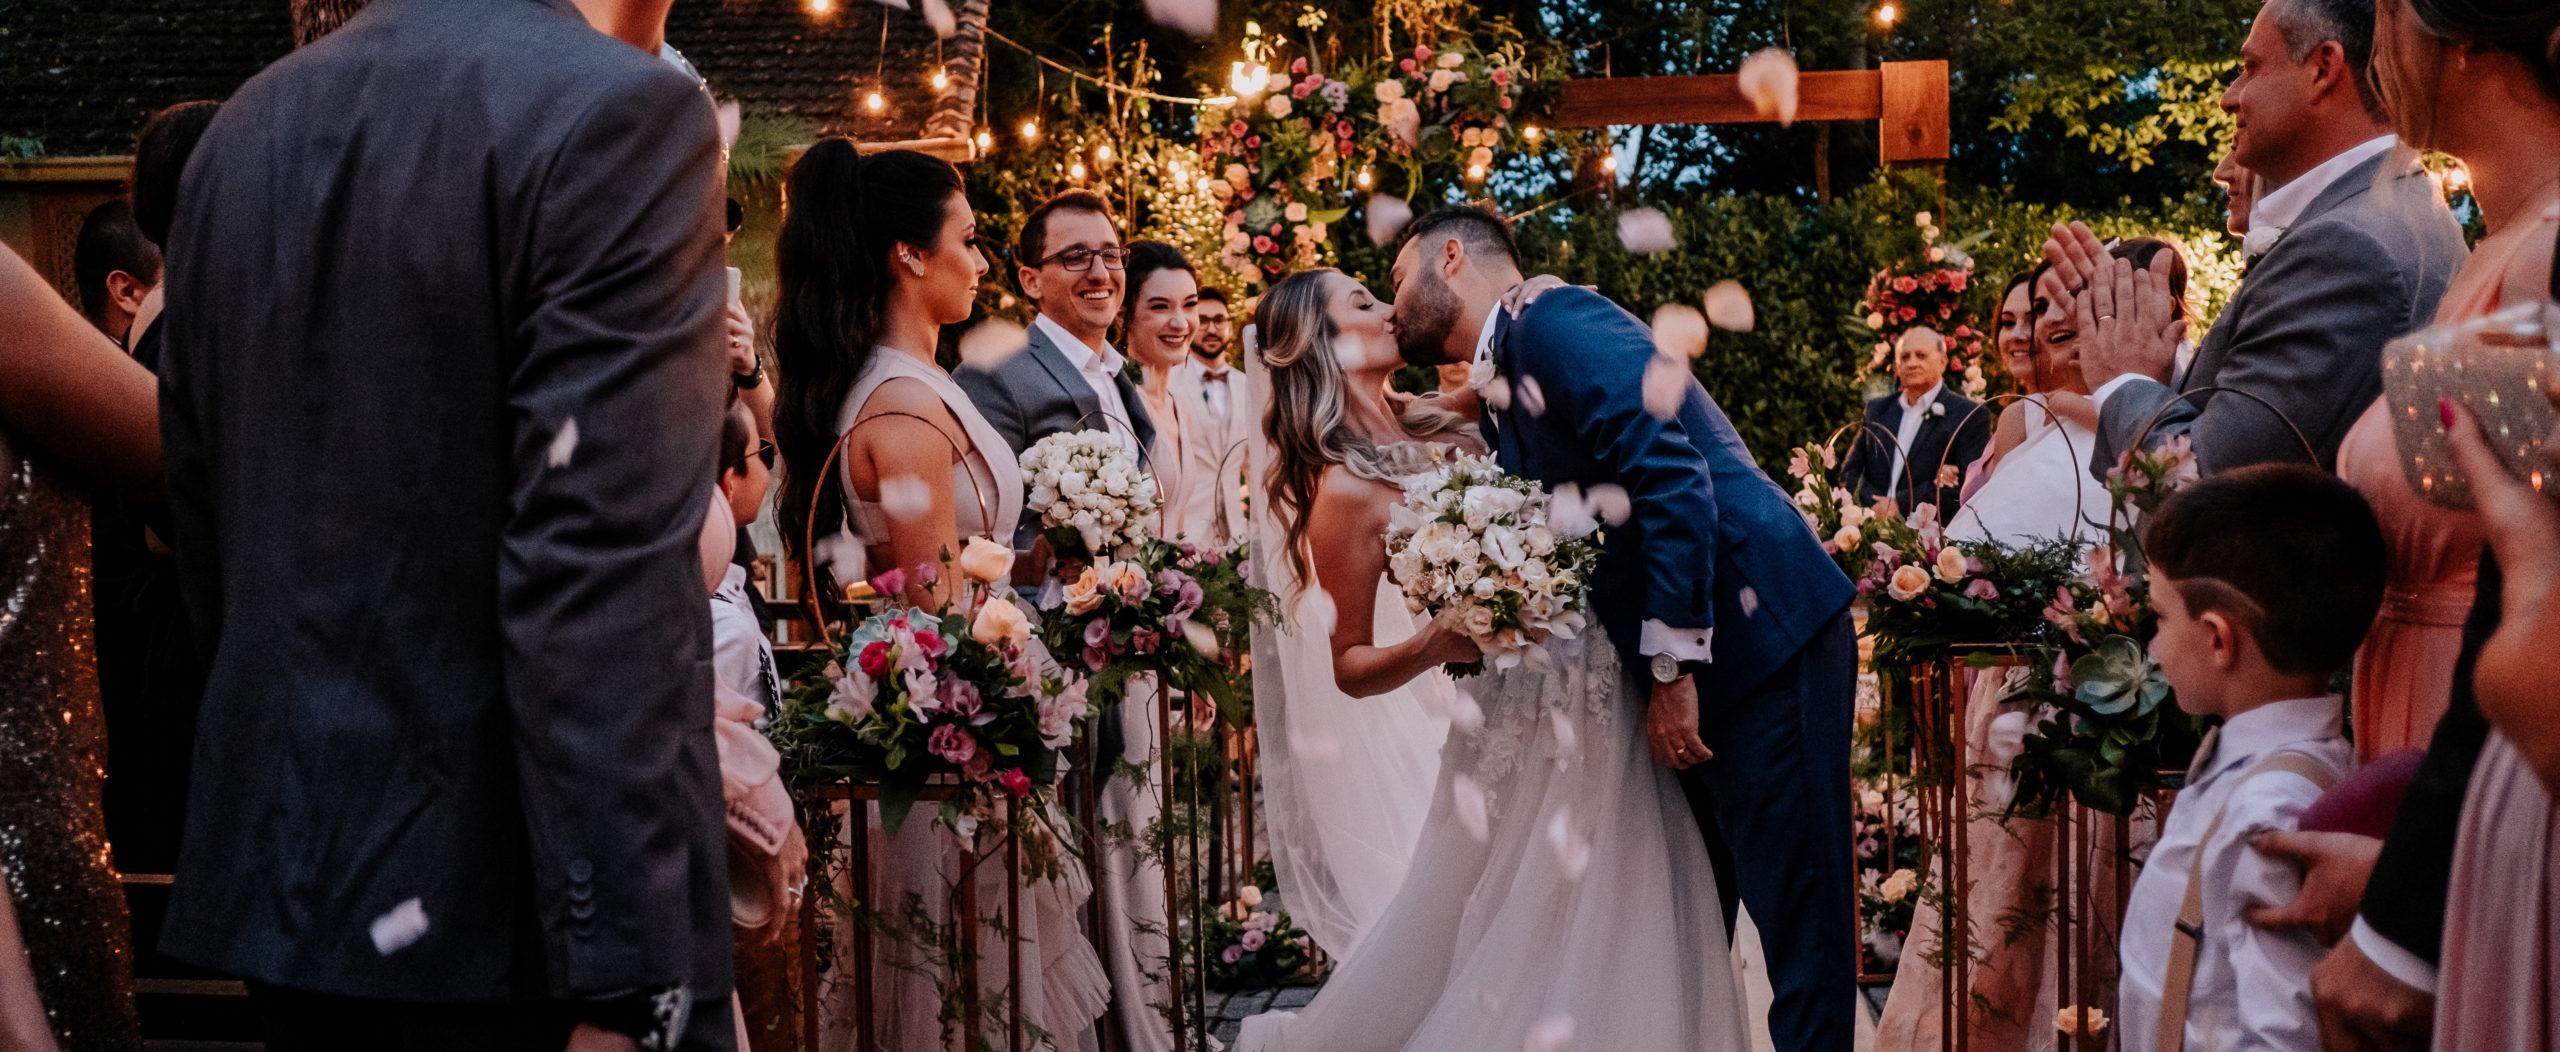 Fotos de Casamento Florianópolis - Roberta e Anderson